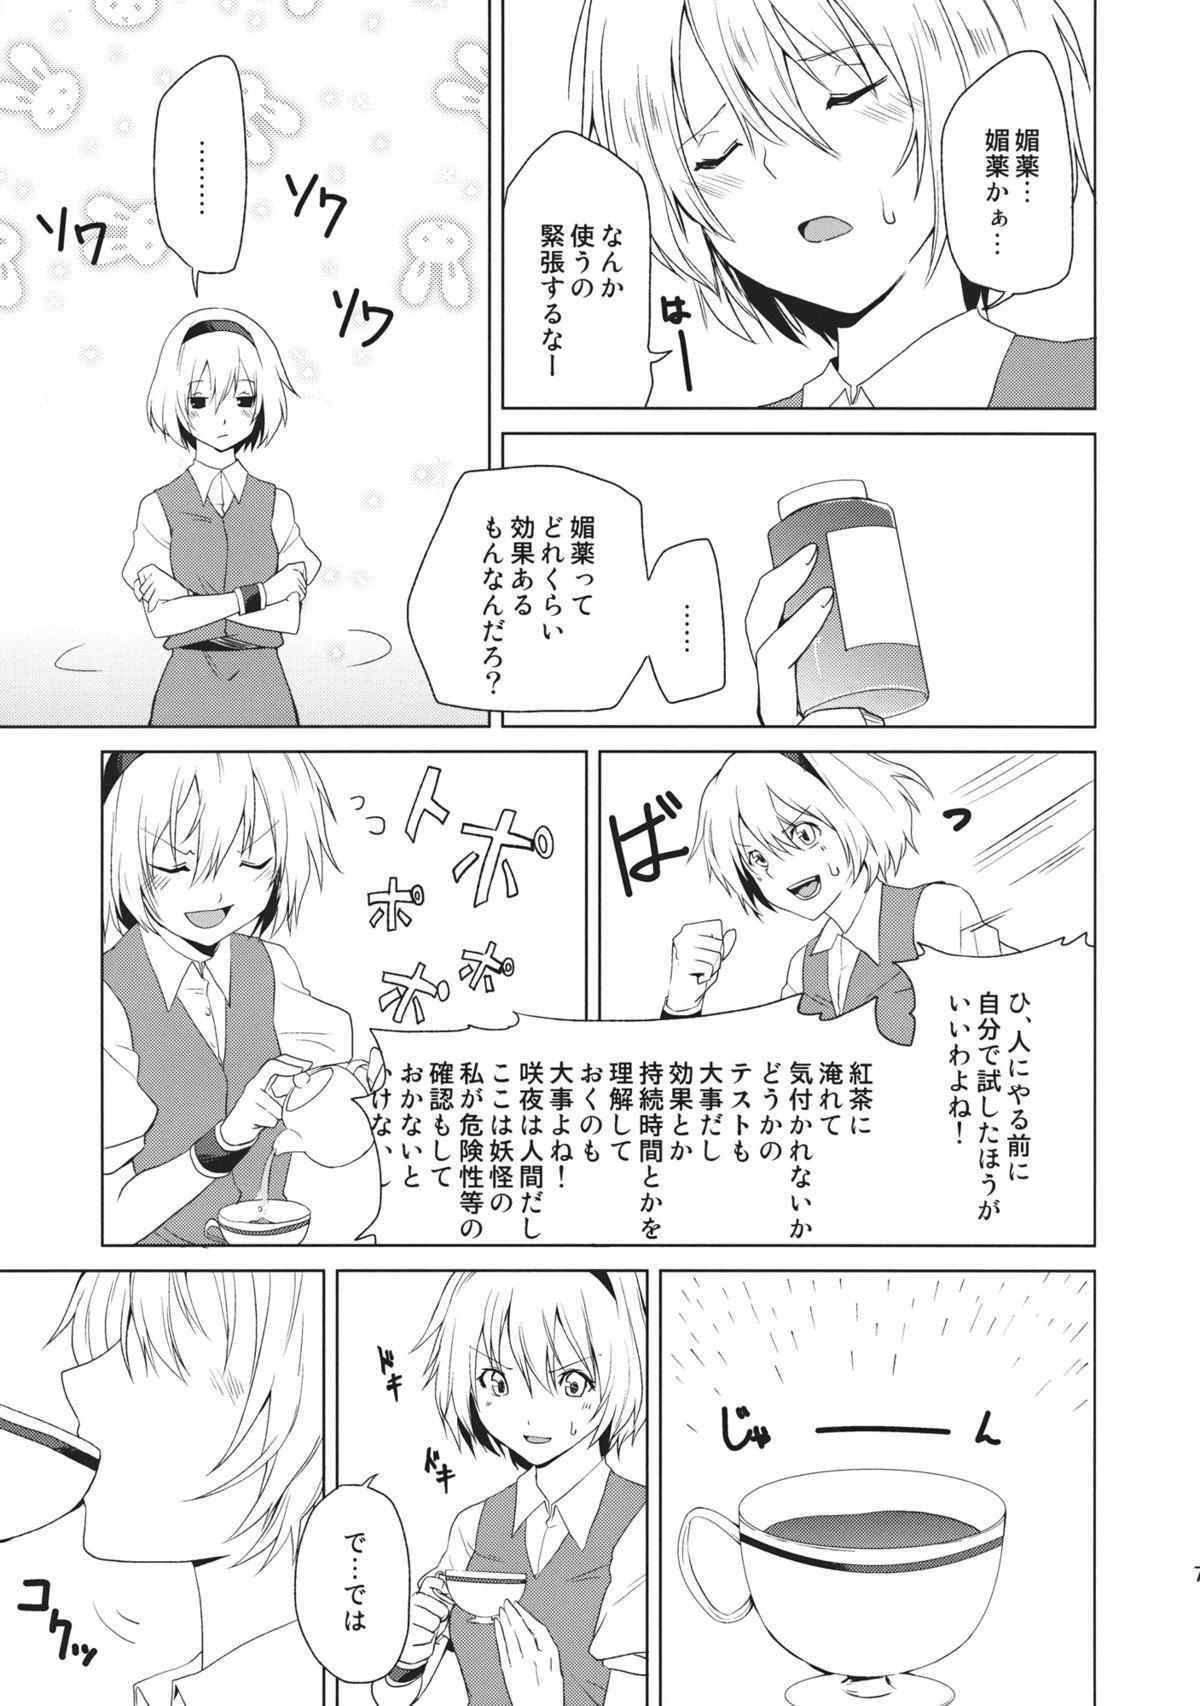 Hajimete no Biyaku 6